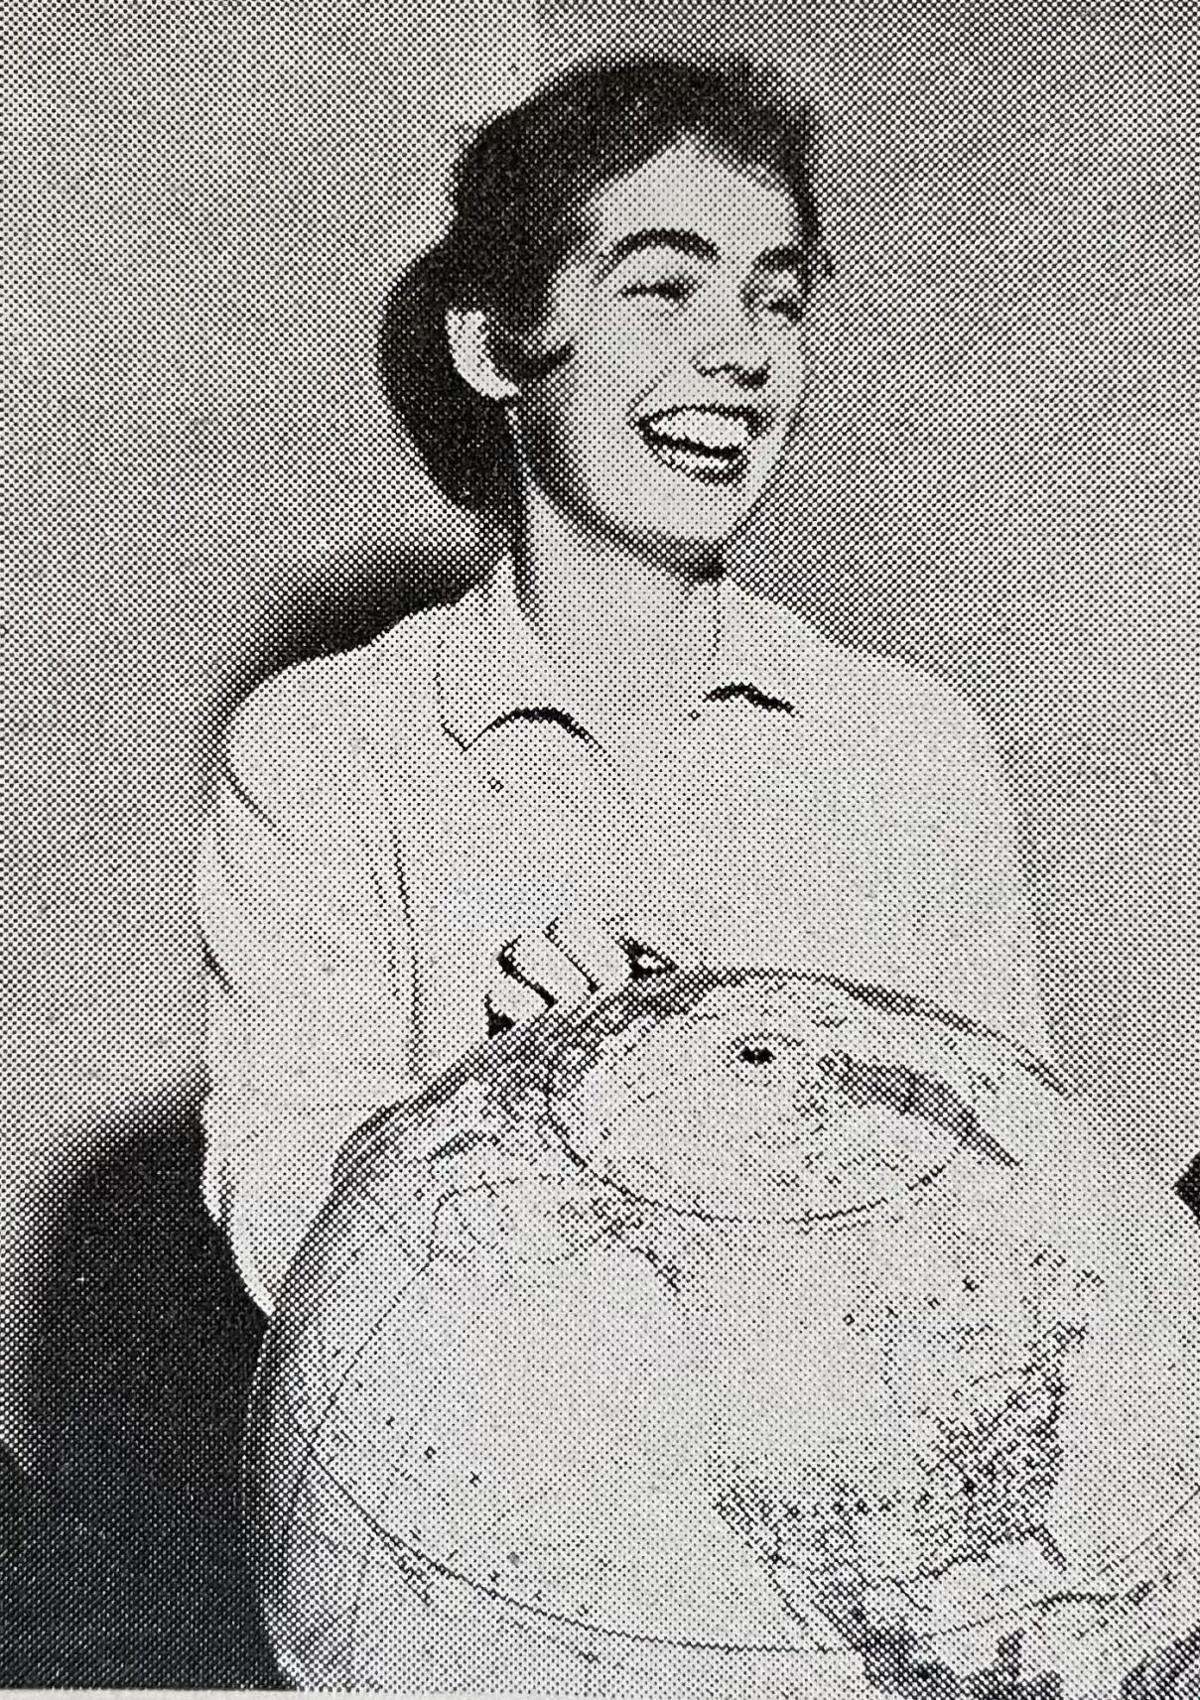 Sally F. Fitch